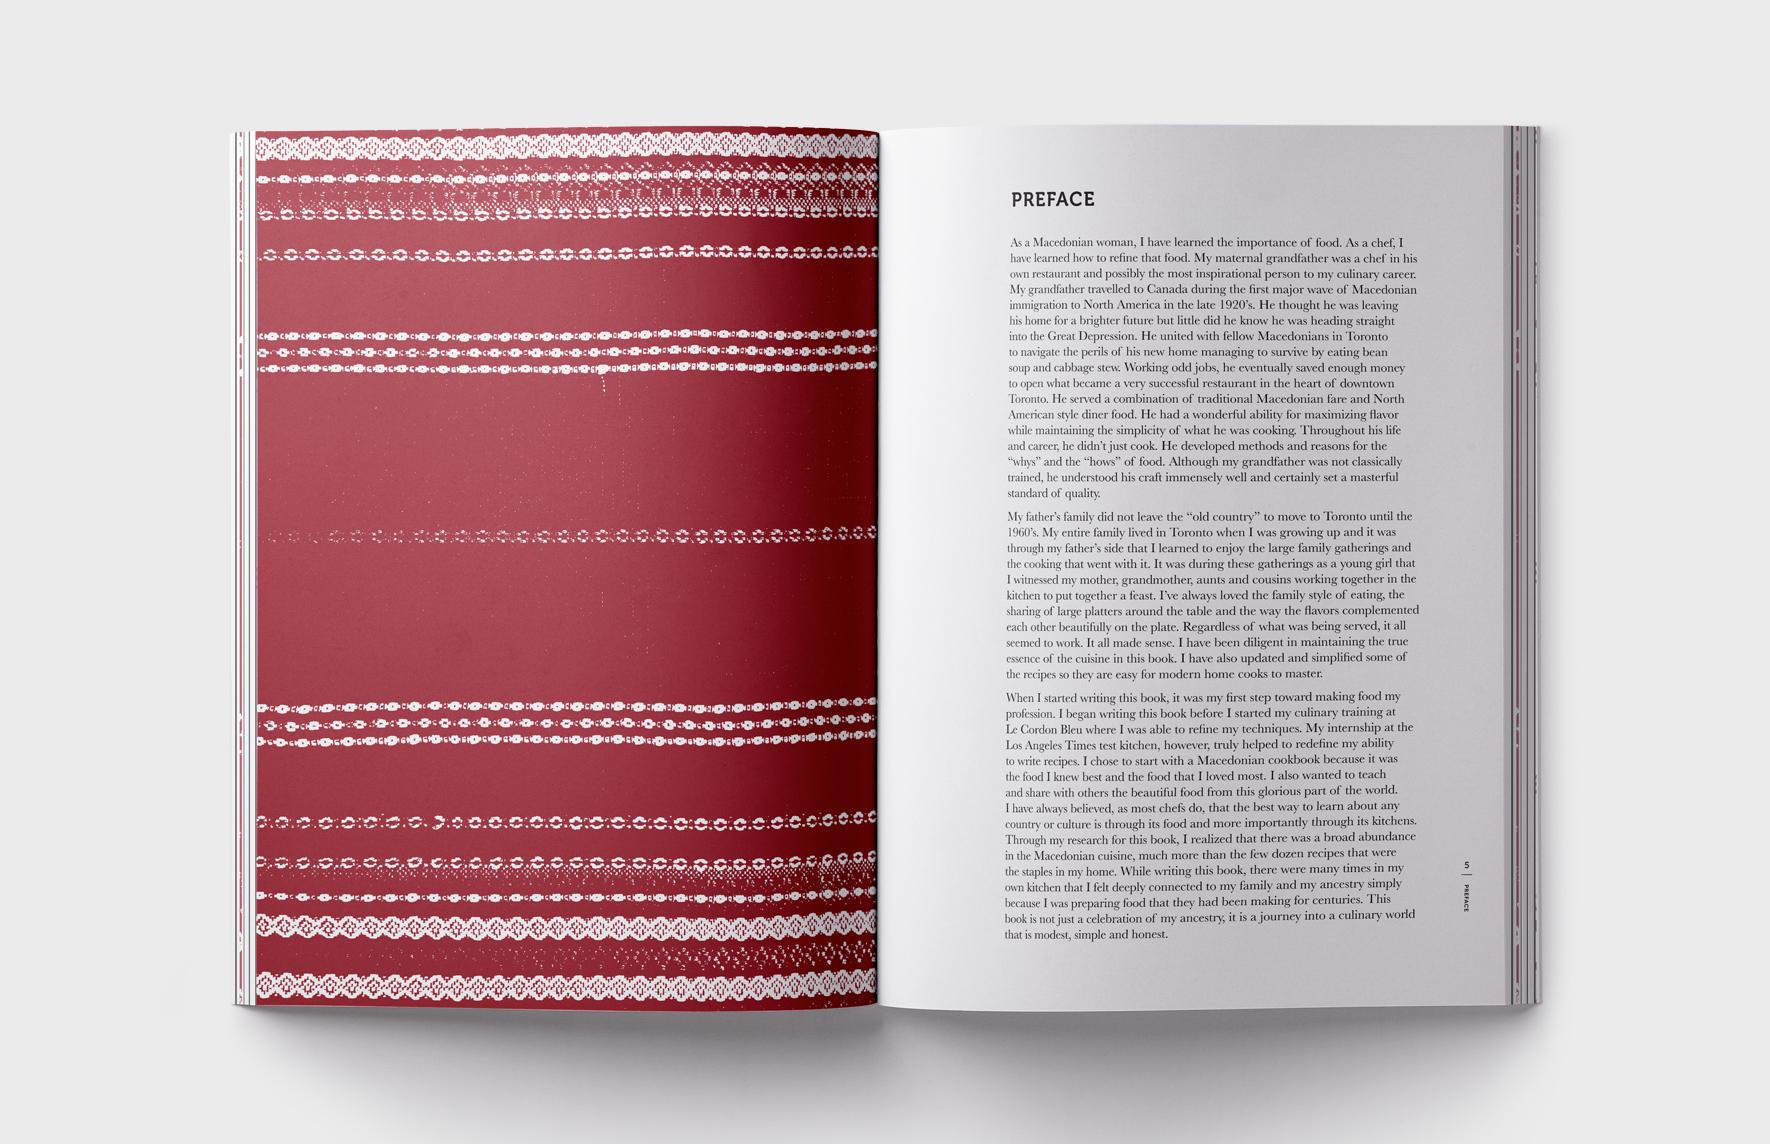 Kat_Nitsou_Macedonia_Cookbook_Preface